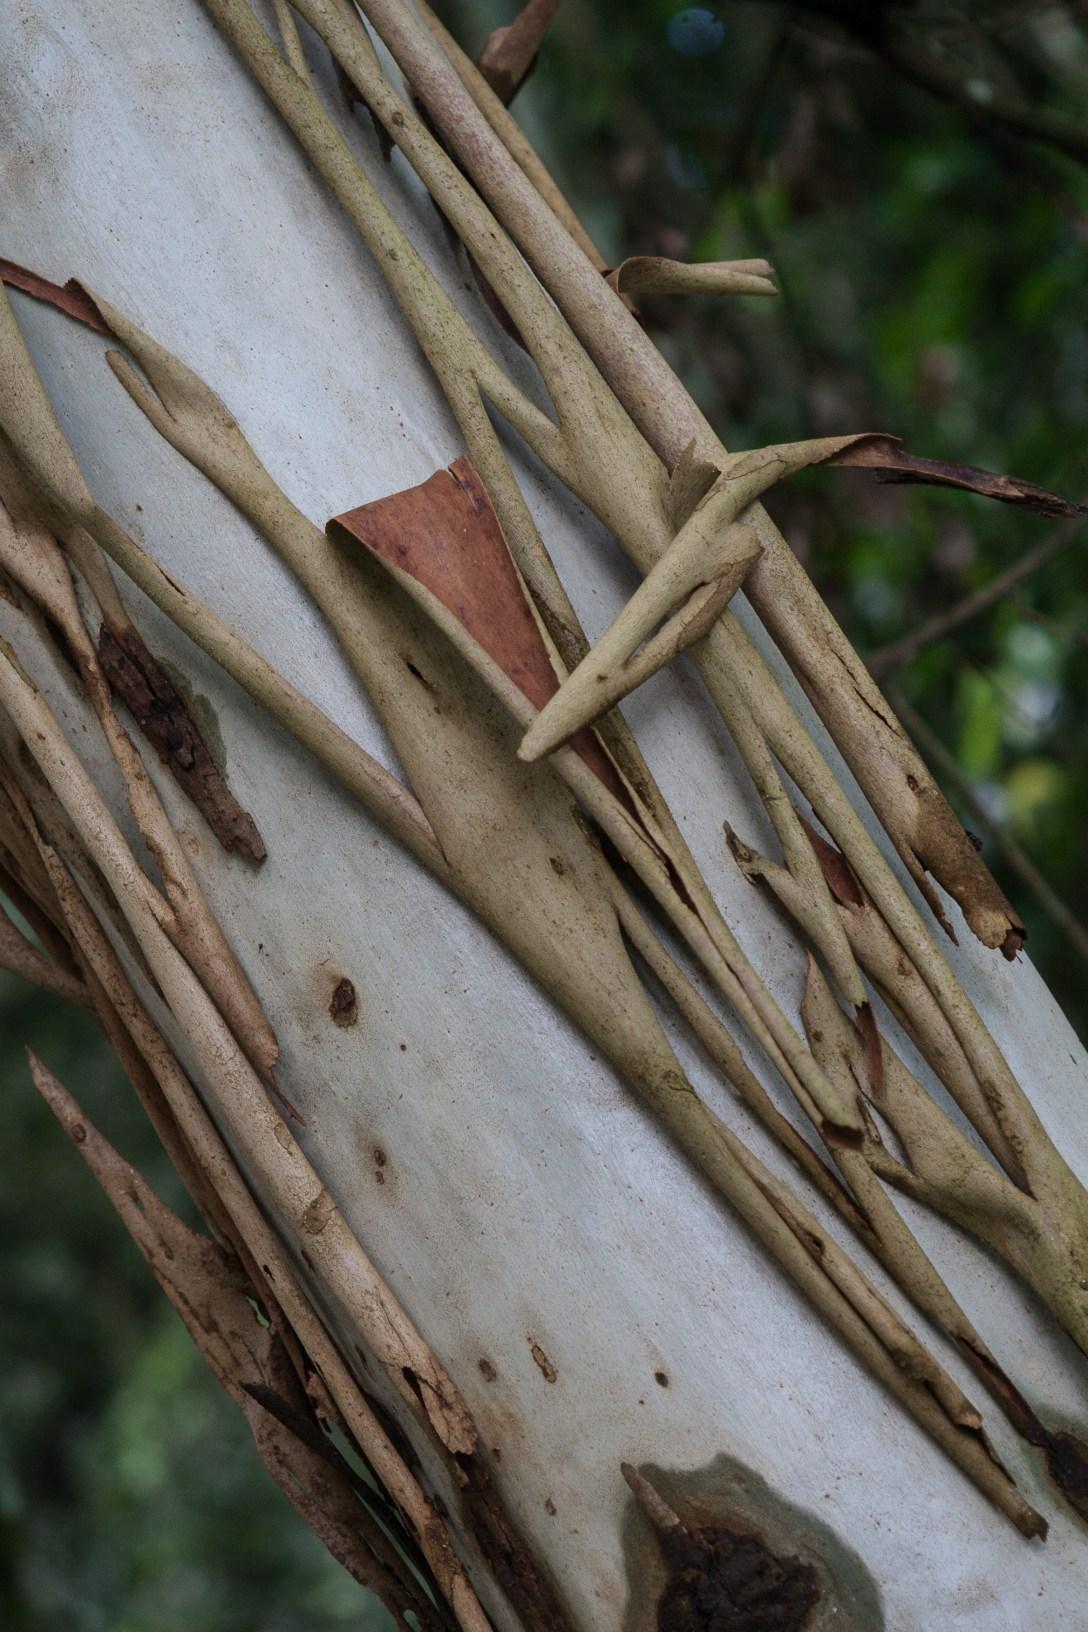 tree bark peeling